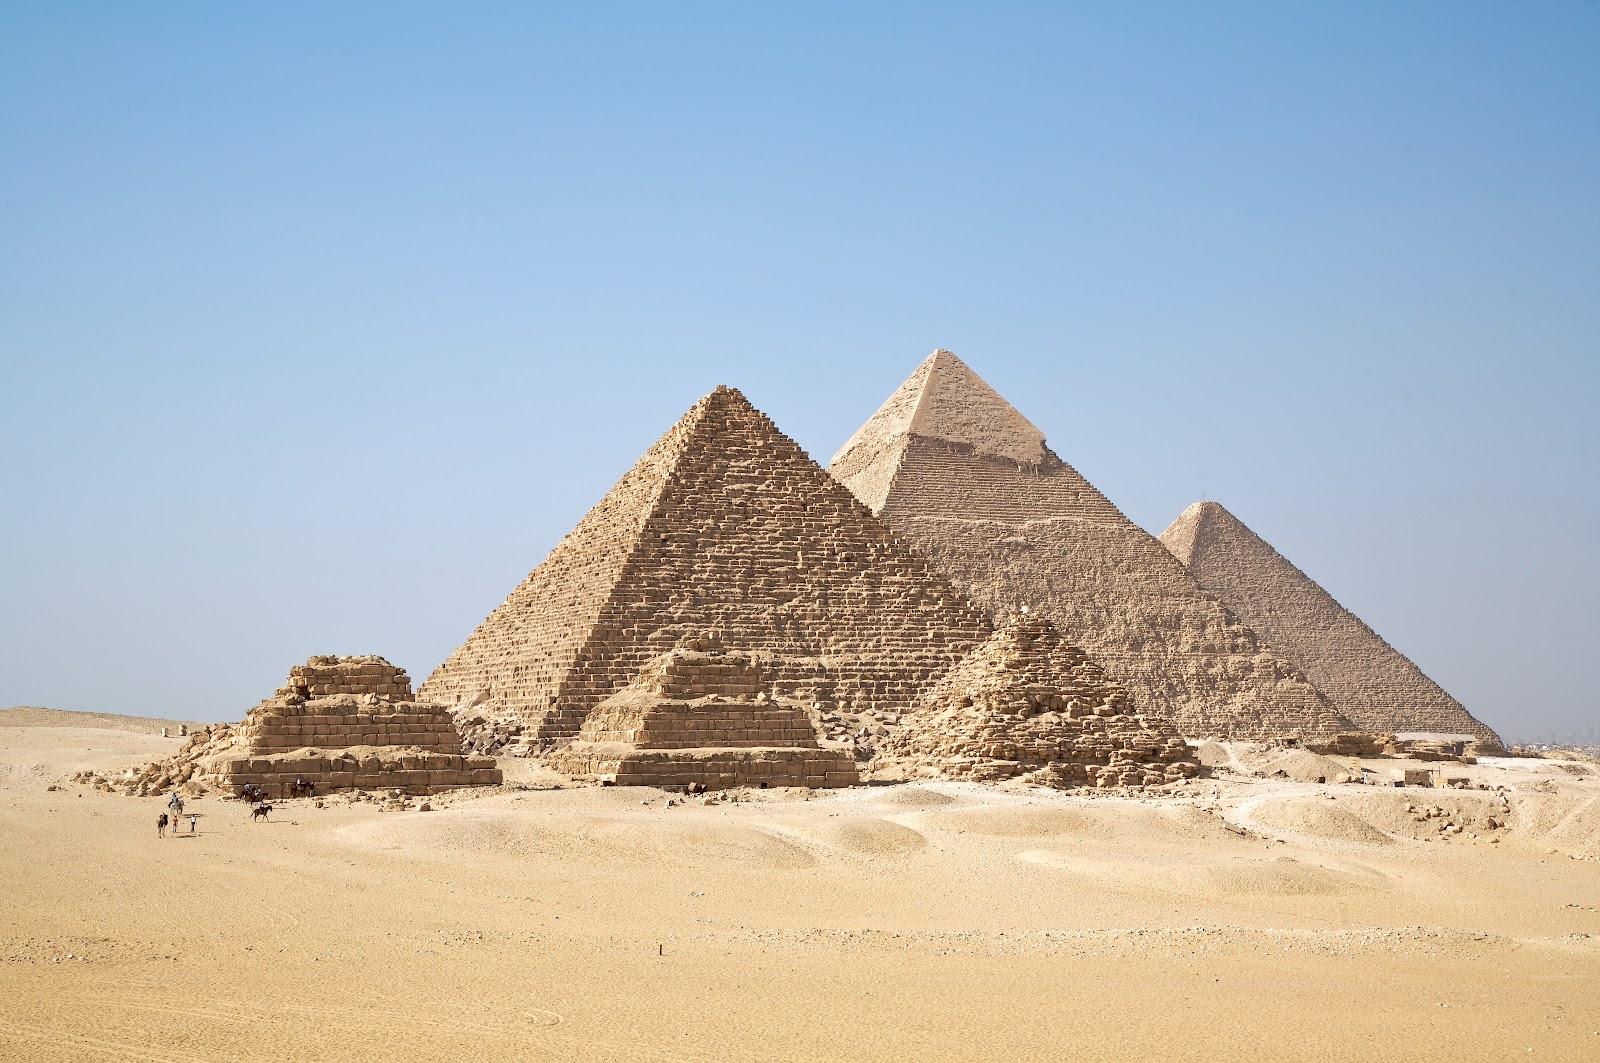 Giza pyramid complex - Wikipedia